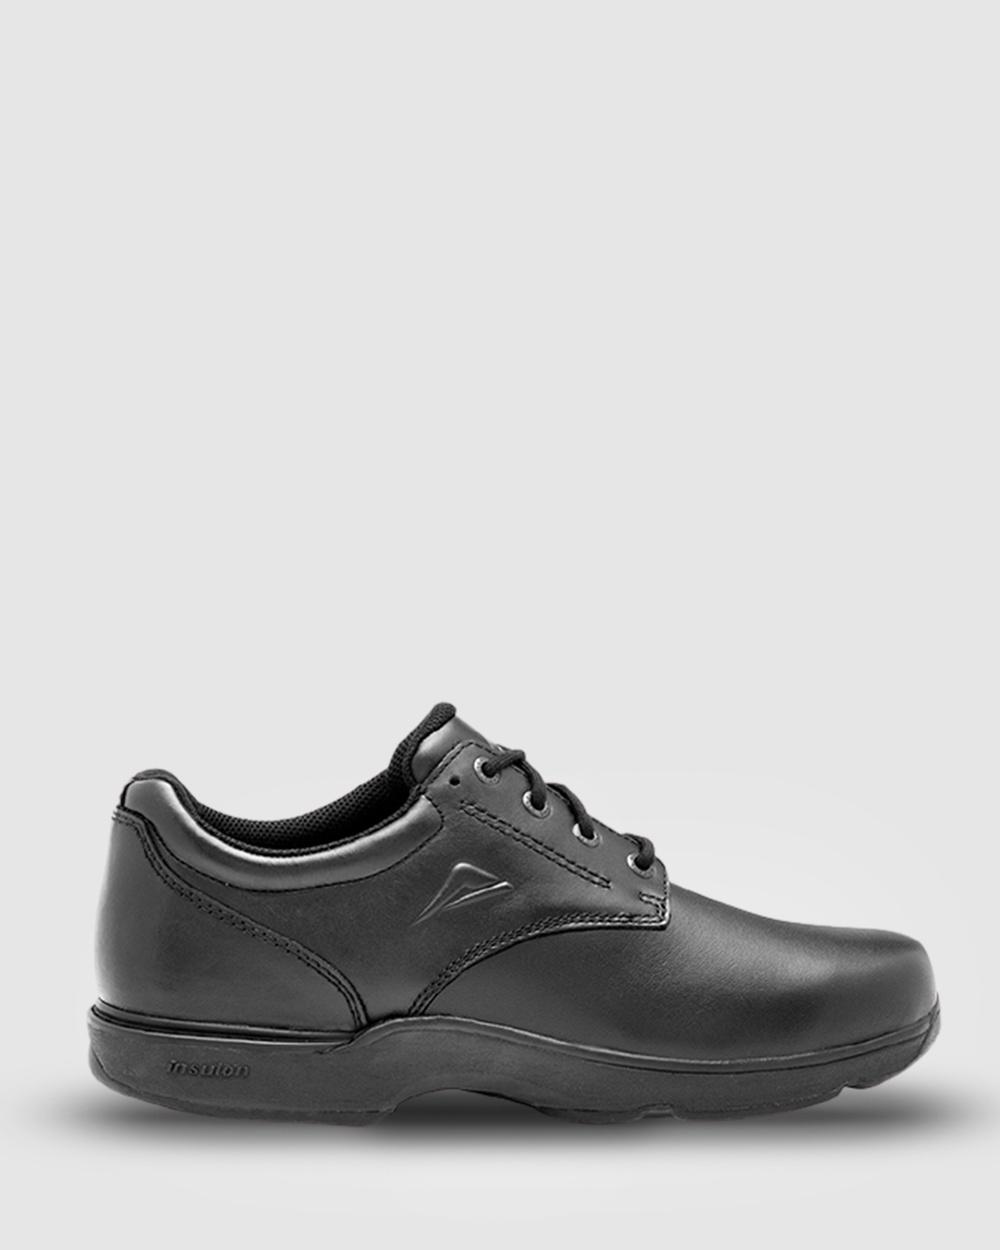 Ascent Apex C Width School Shoes Black Australia